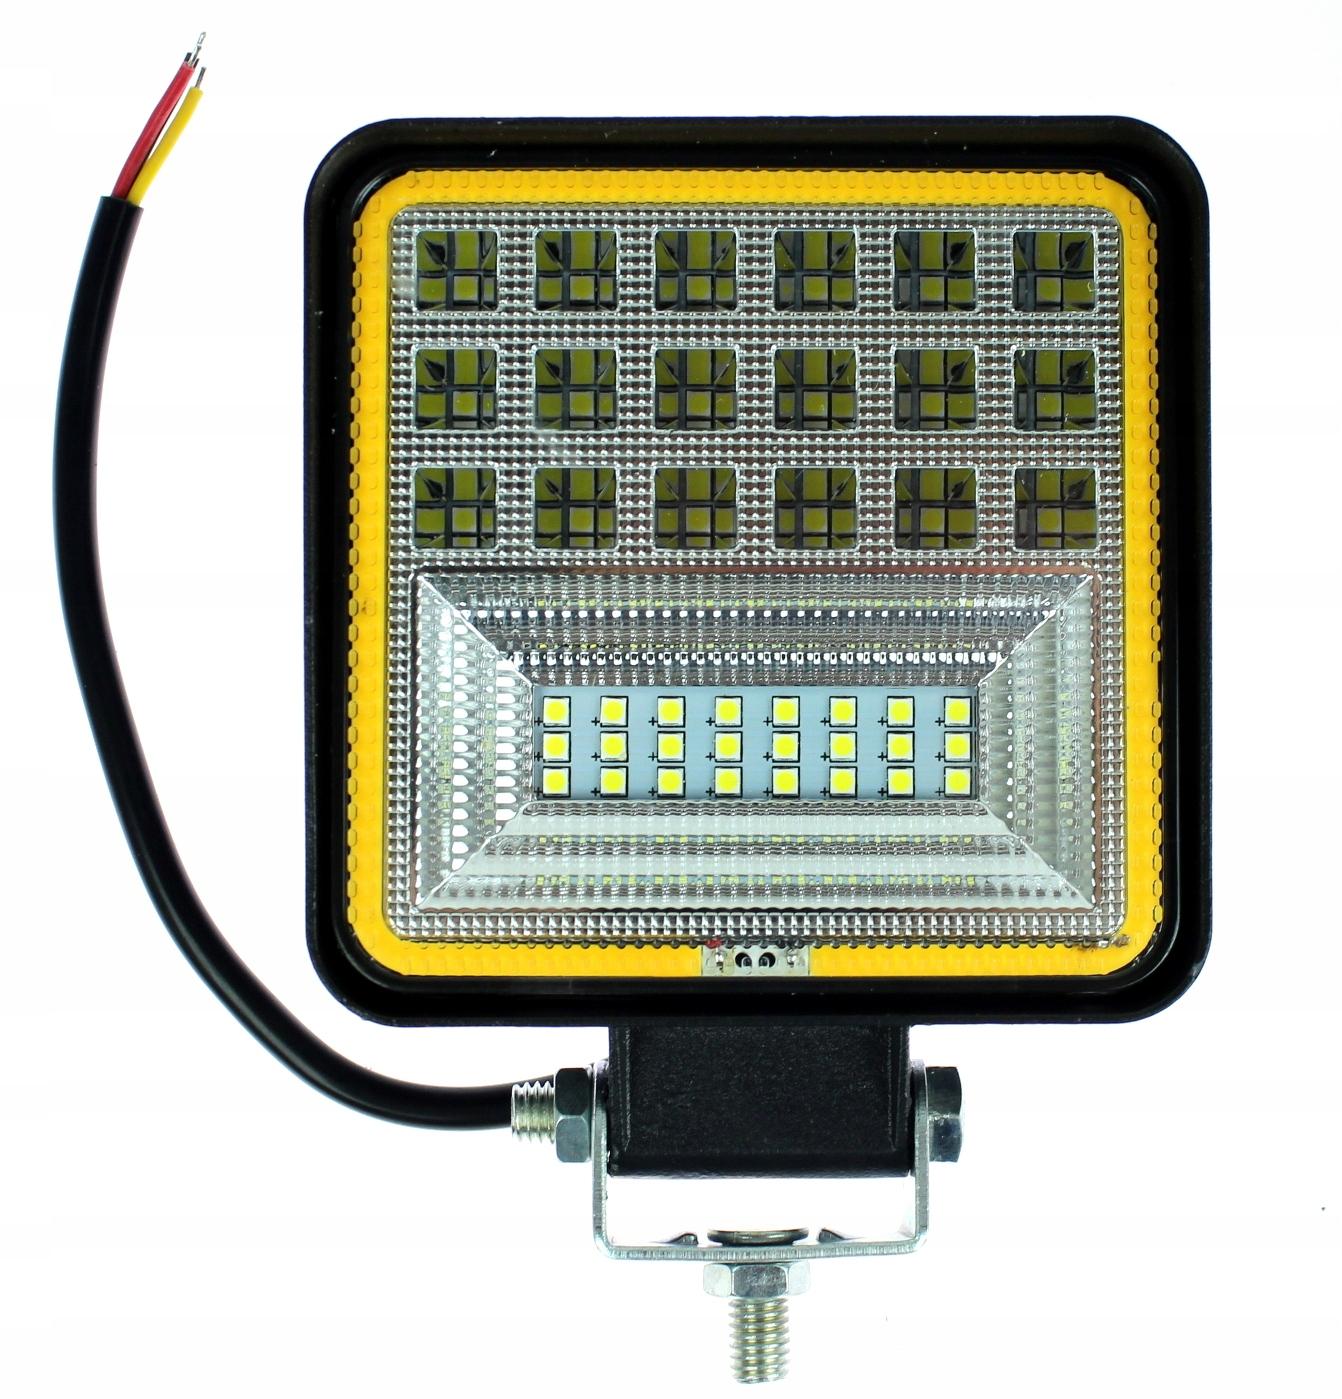 лампа рабочая 42 led ledowa 126w 12-24v мега мощность